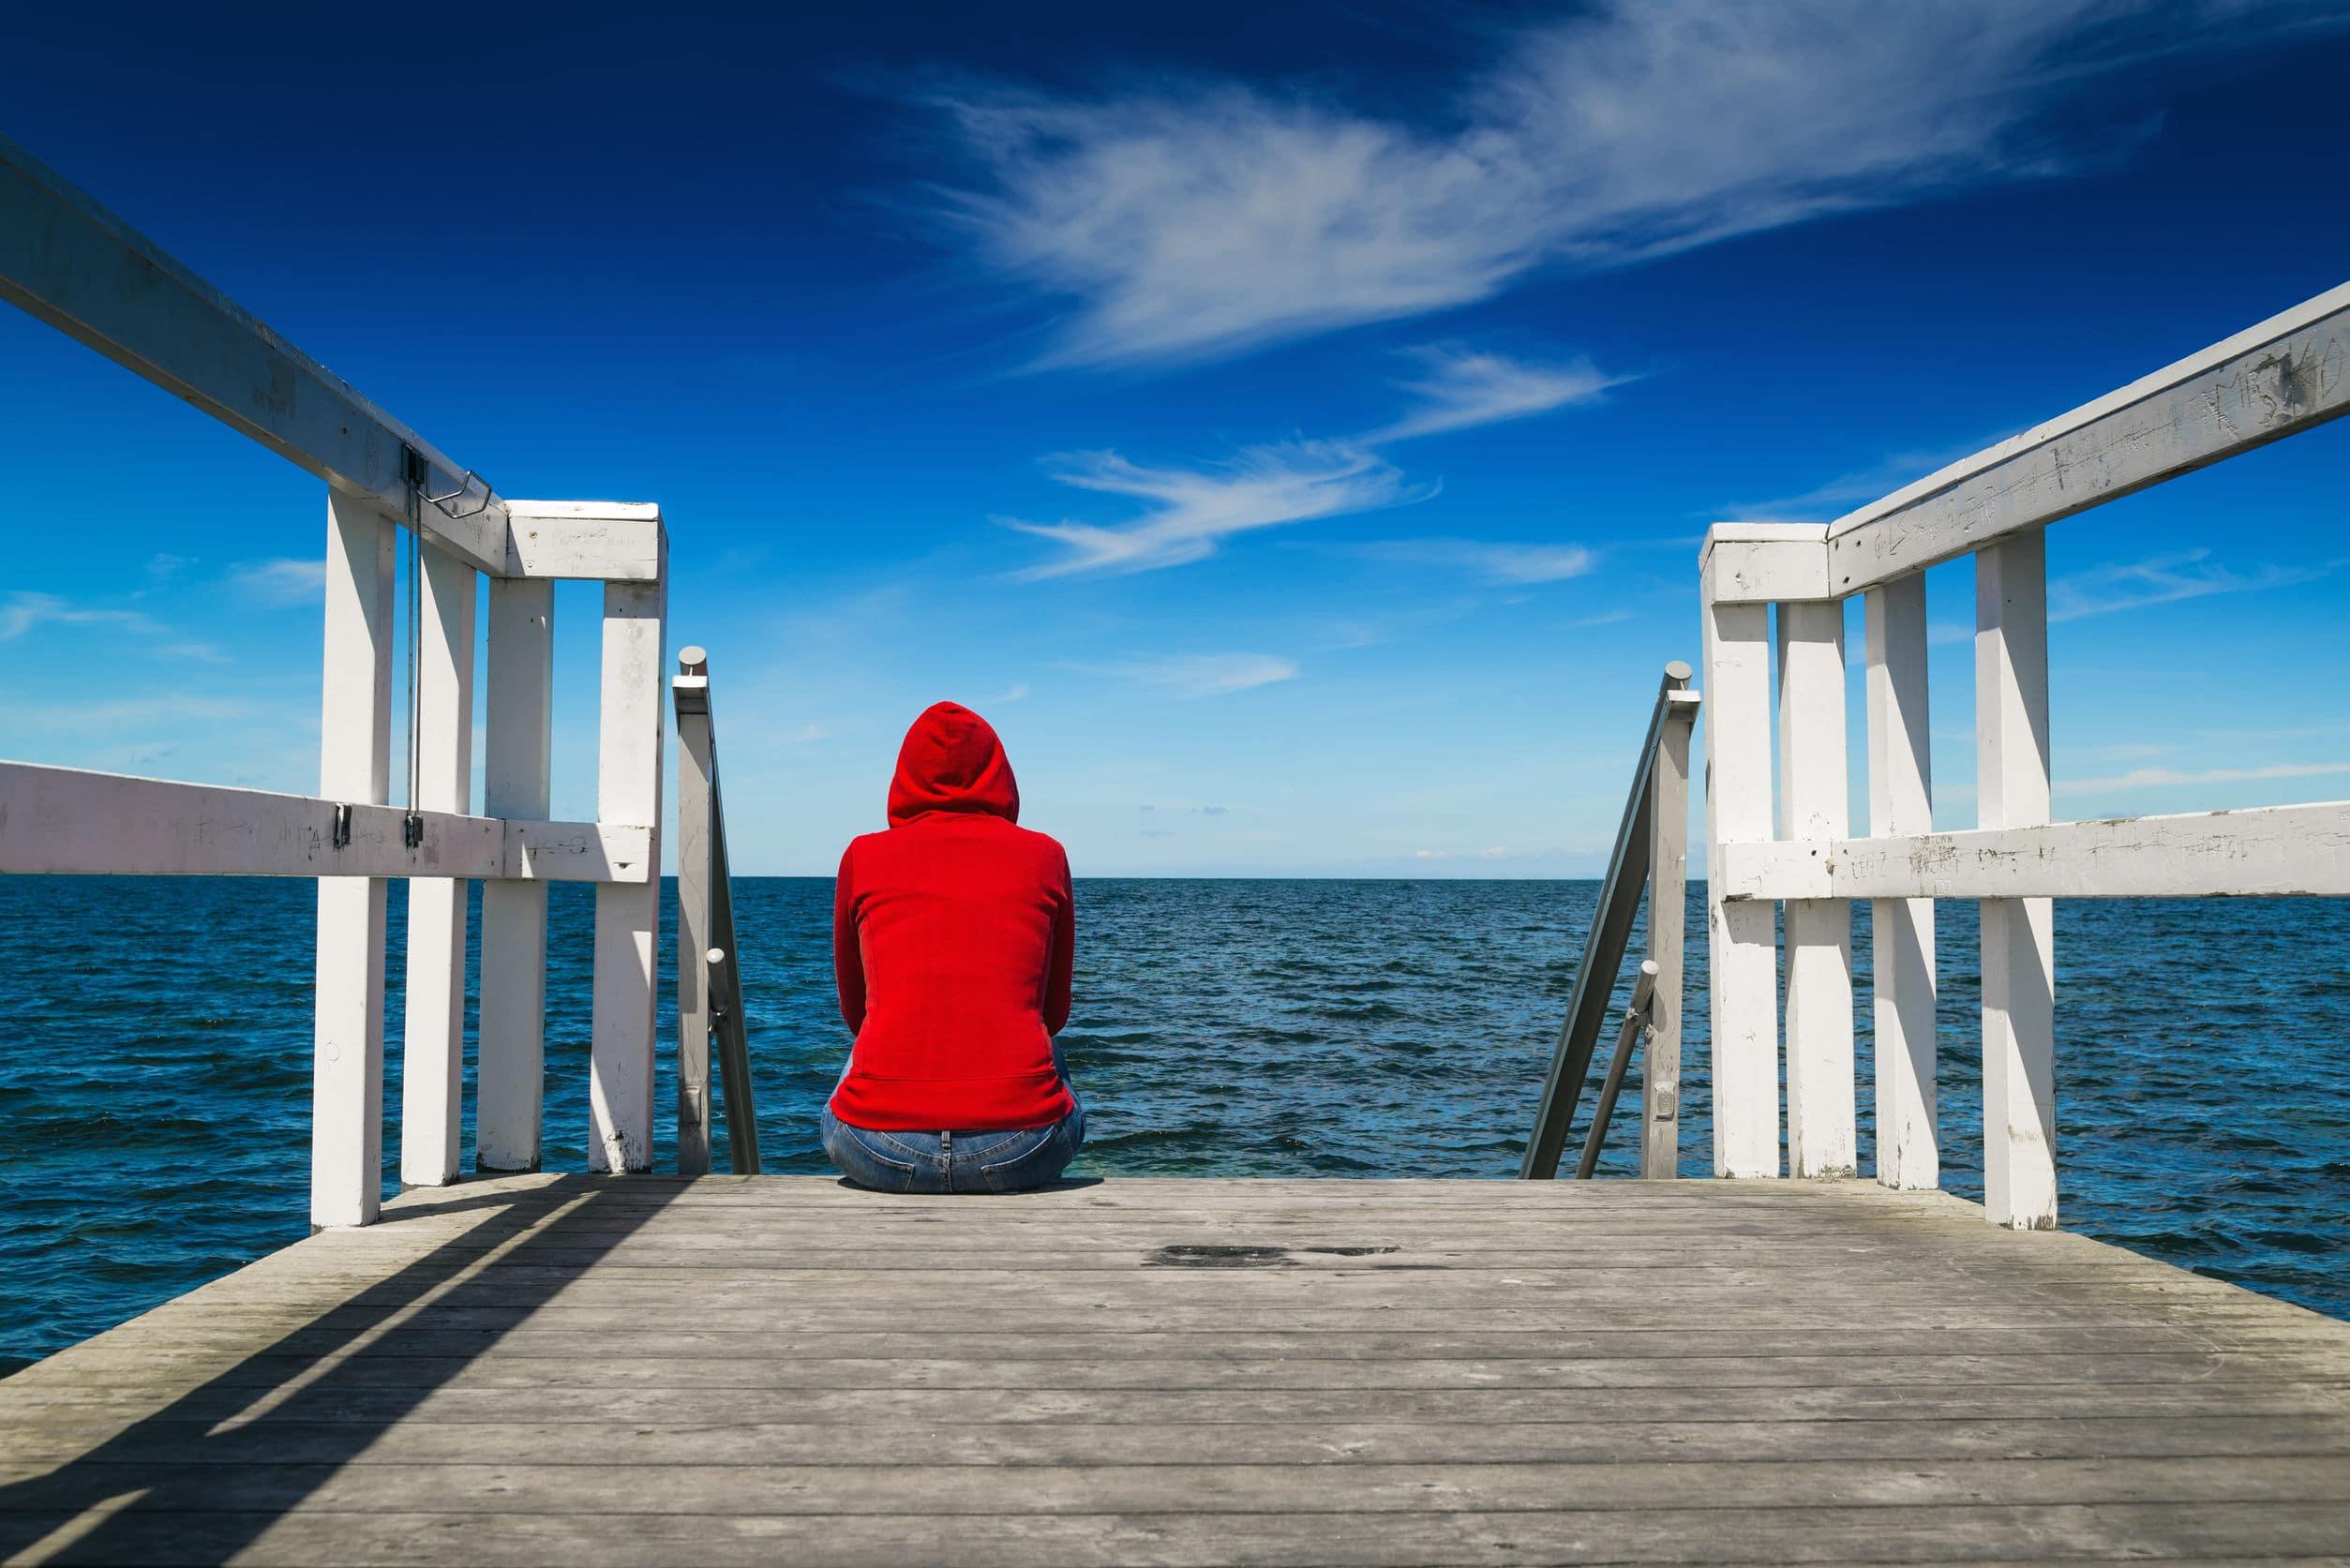 Pessoa usando um casaco vermelho sentada no cais de uma praia admirando o mar. Conceito de saudade, solidão, tristeza.